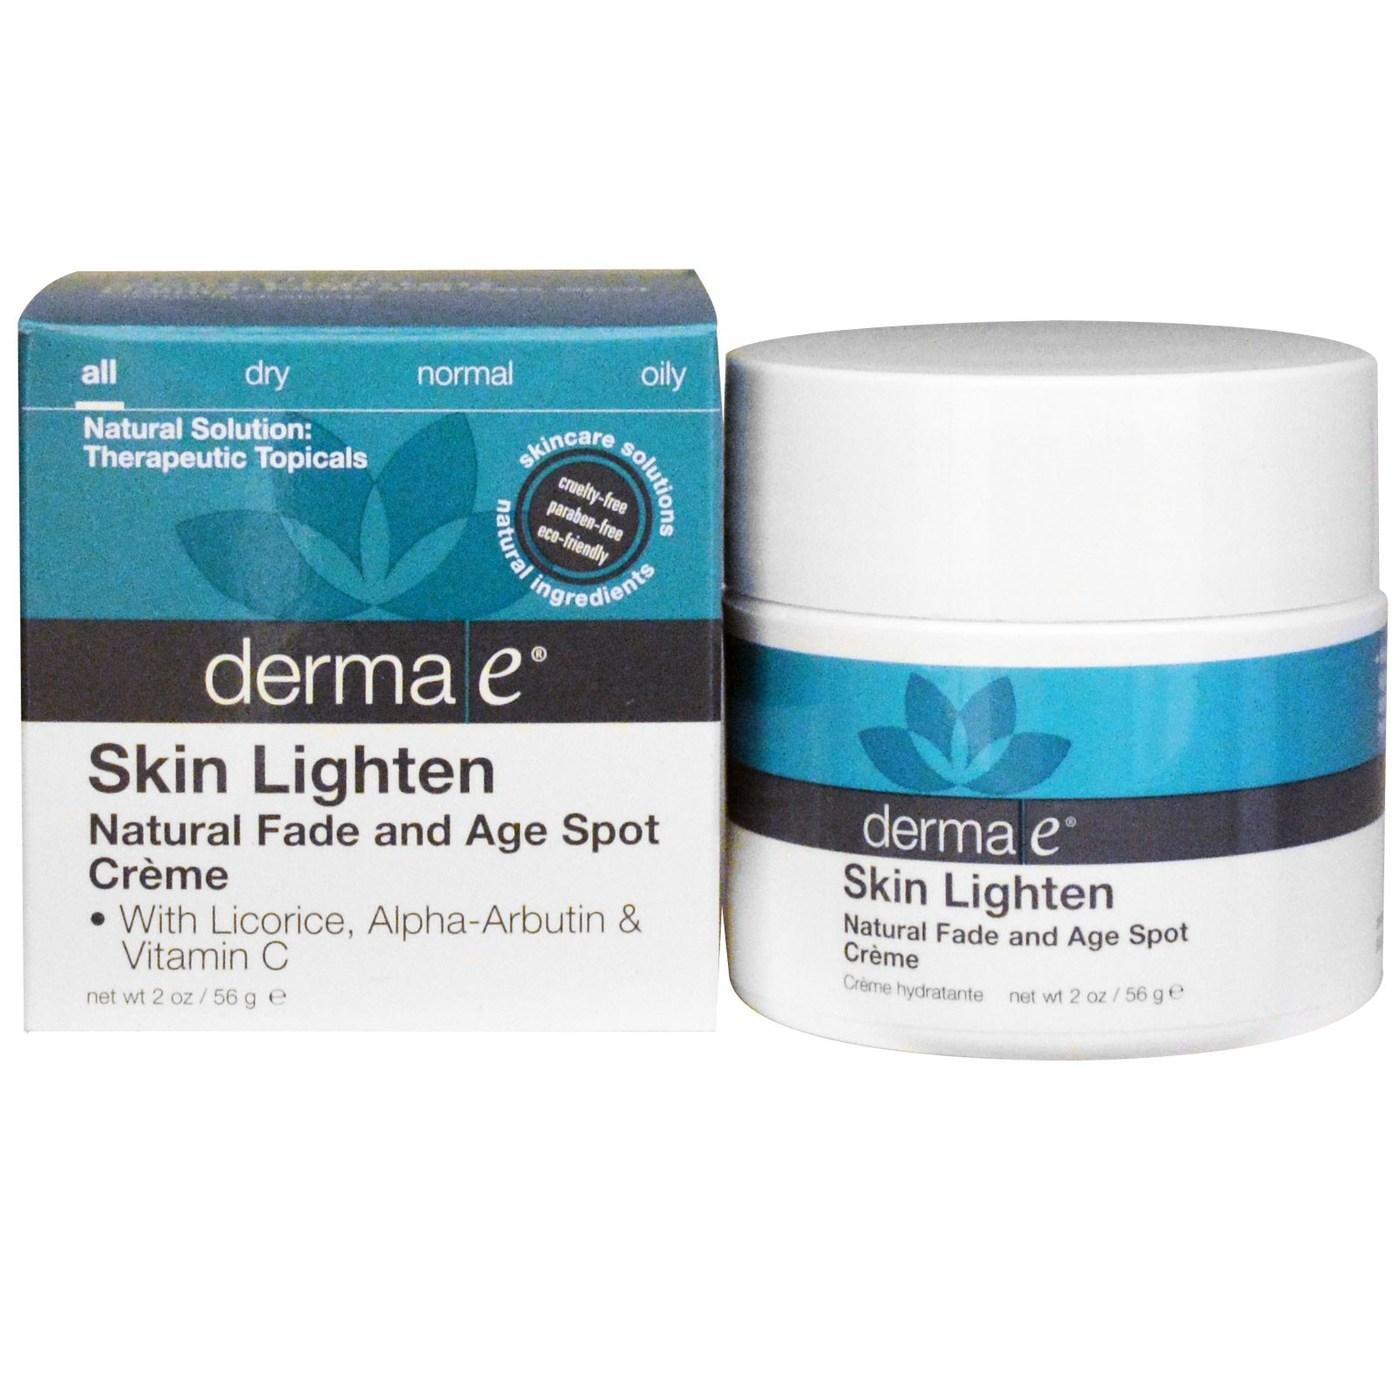 Derma e reviews skin lighten